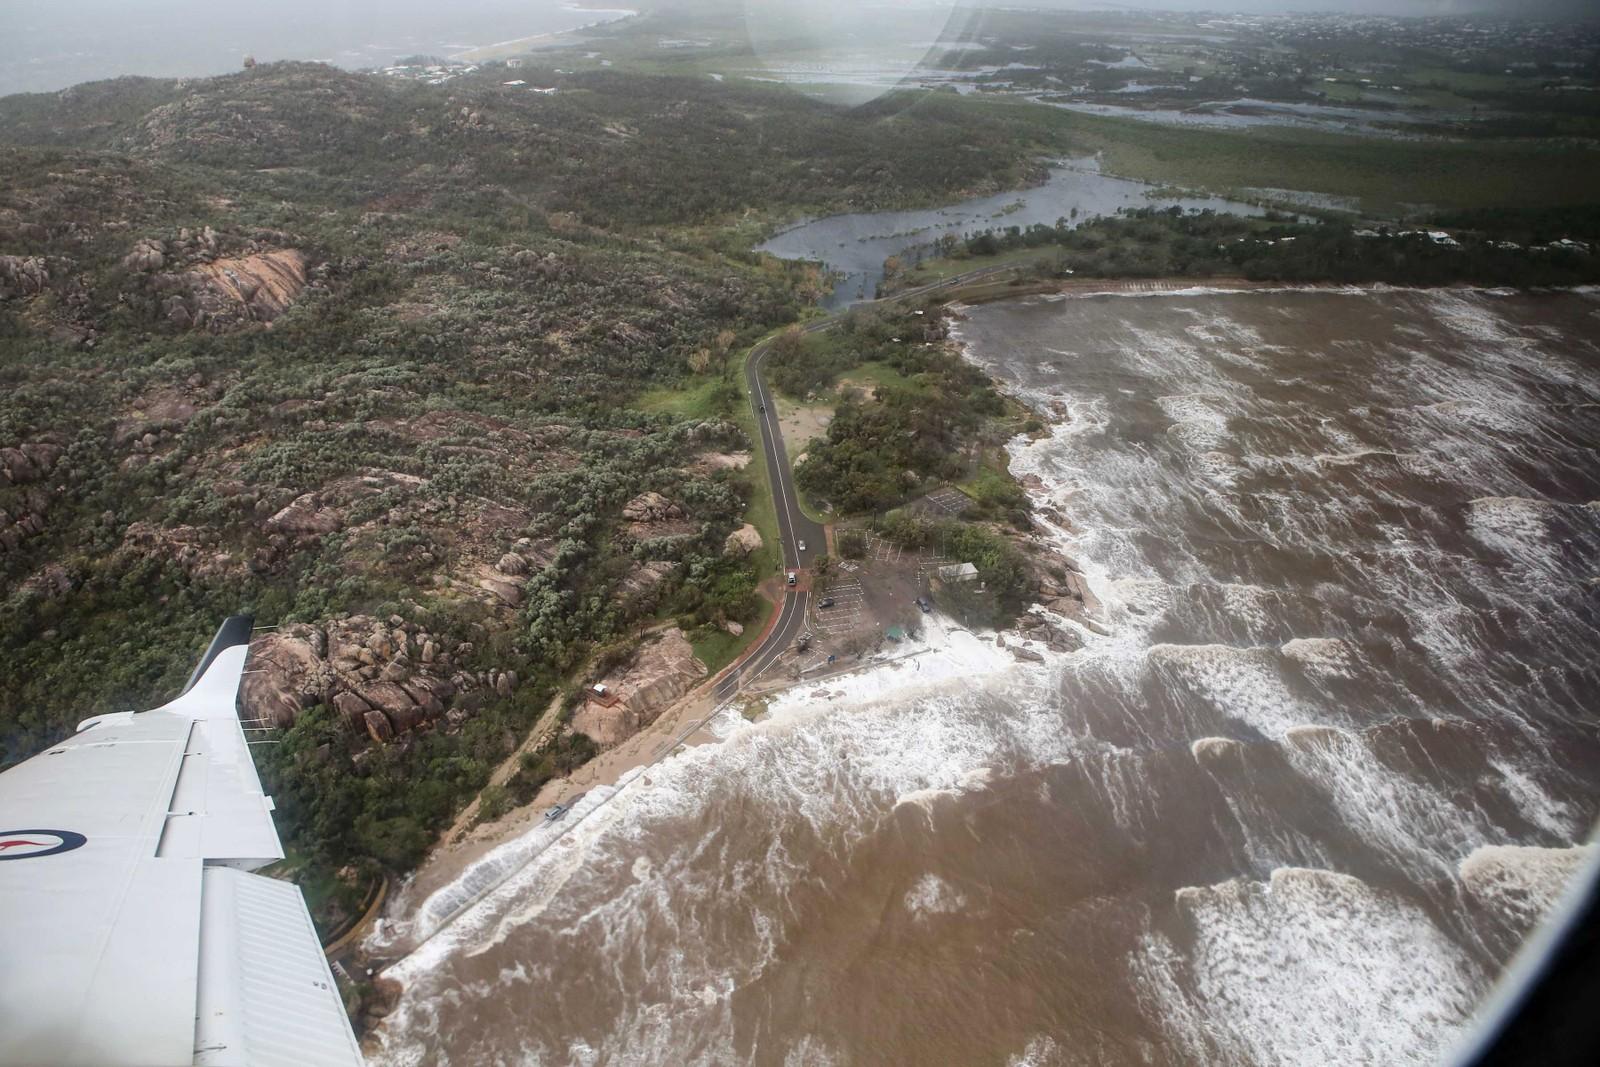 Områdene rundt Bowen er rammet av kraftig flom.